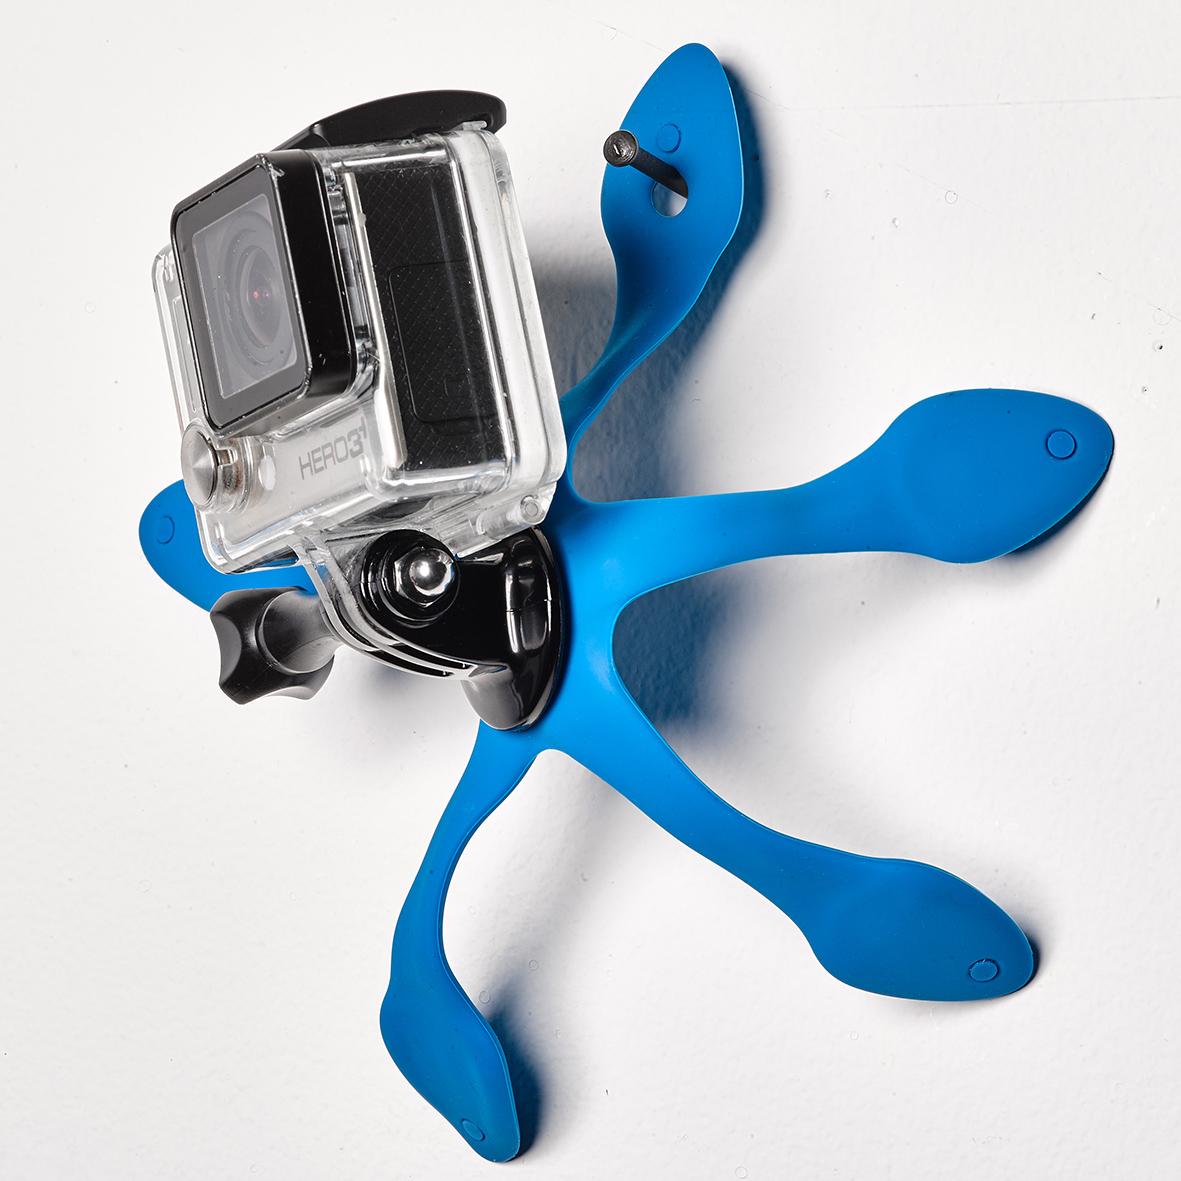 吊り下げて、壁面や車に設置|柔軟な5本足でスマホやカメラをどこにでも固定!薄くて、軽くて、コンパクトなスマホ&カメラ用スタンド| miggo